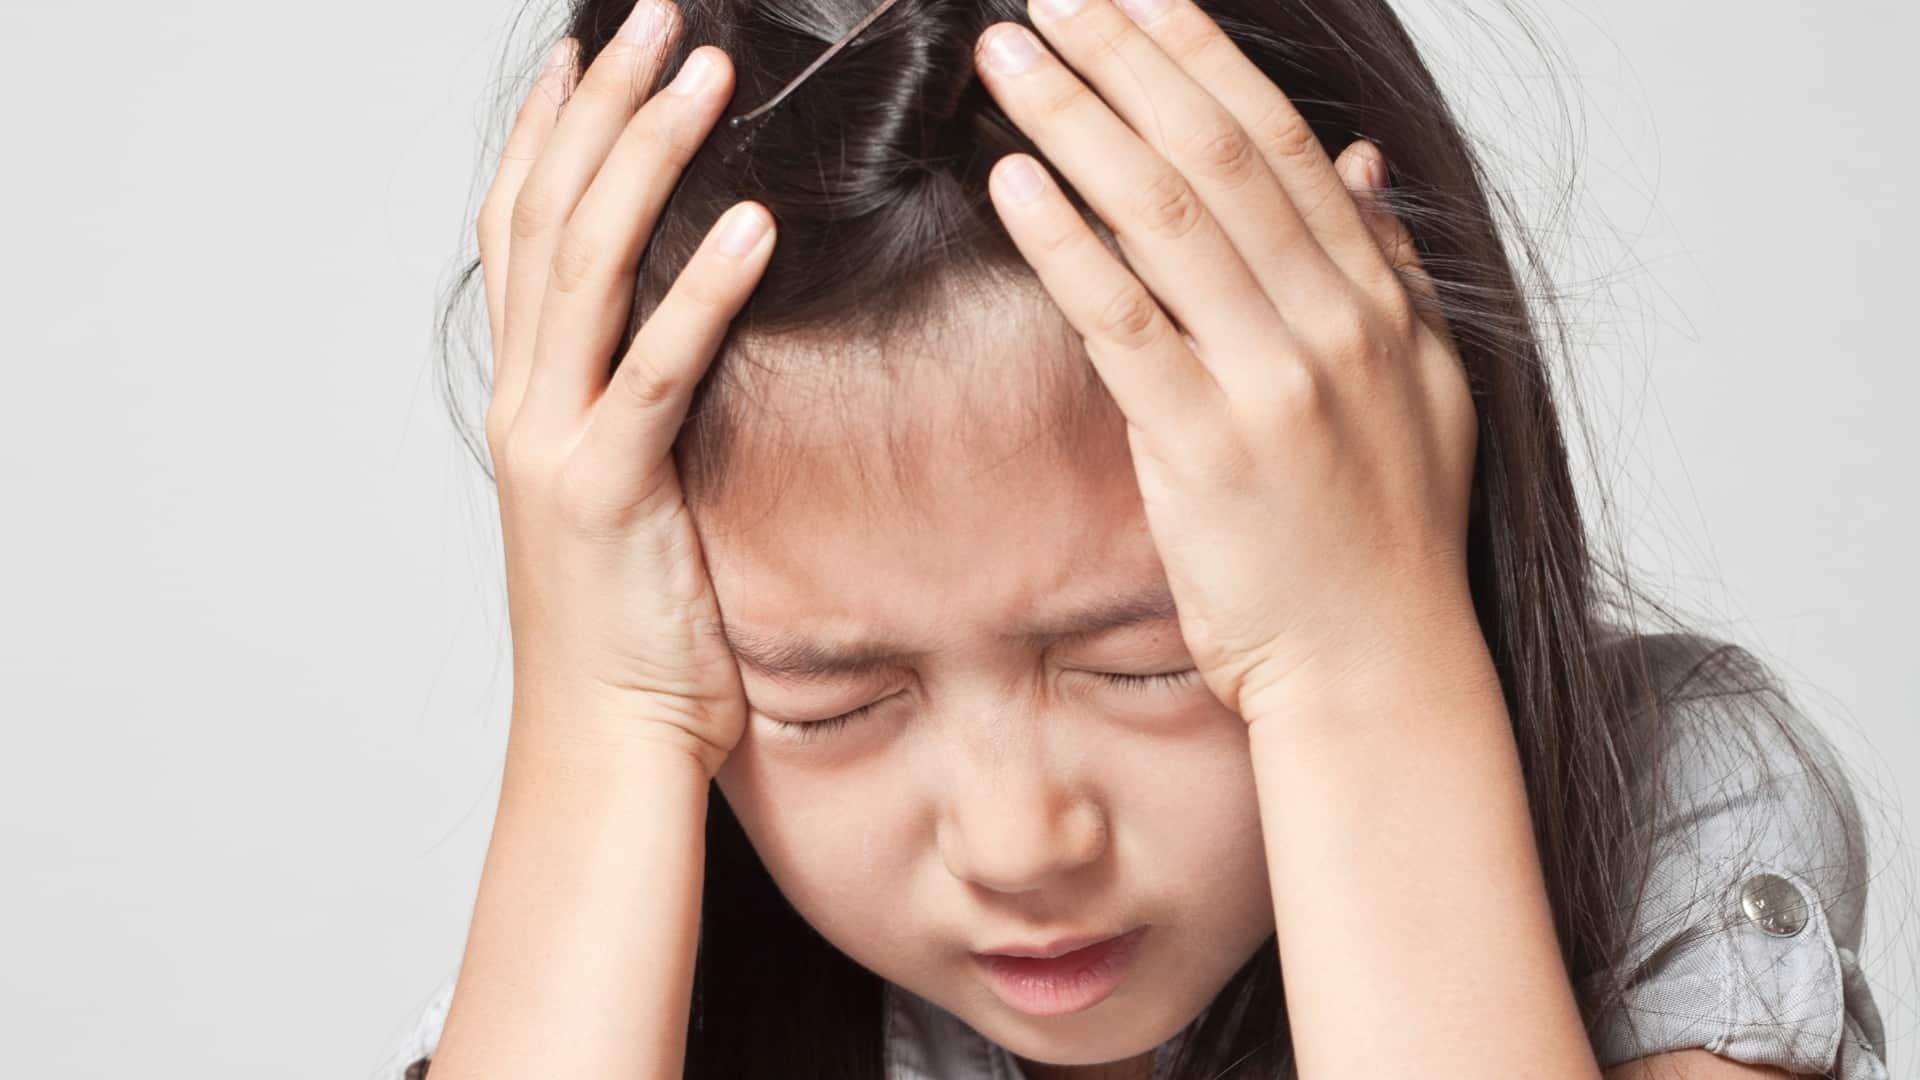 Saiba agora quais são os 5 tipos de dor de cabeça